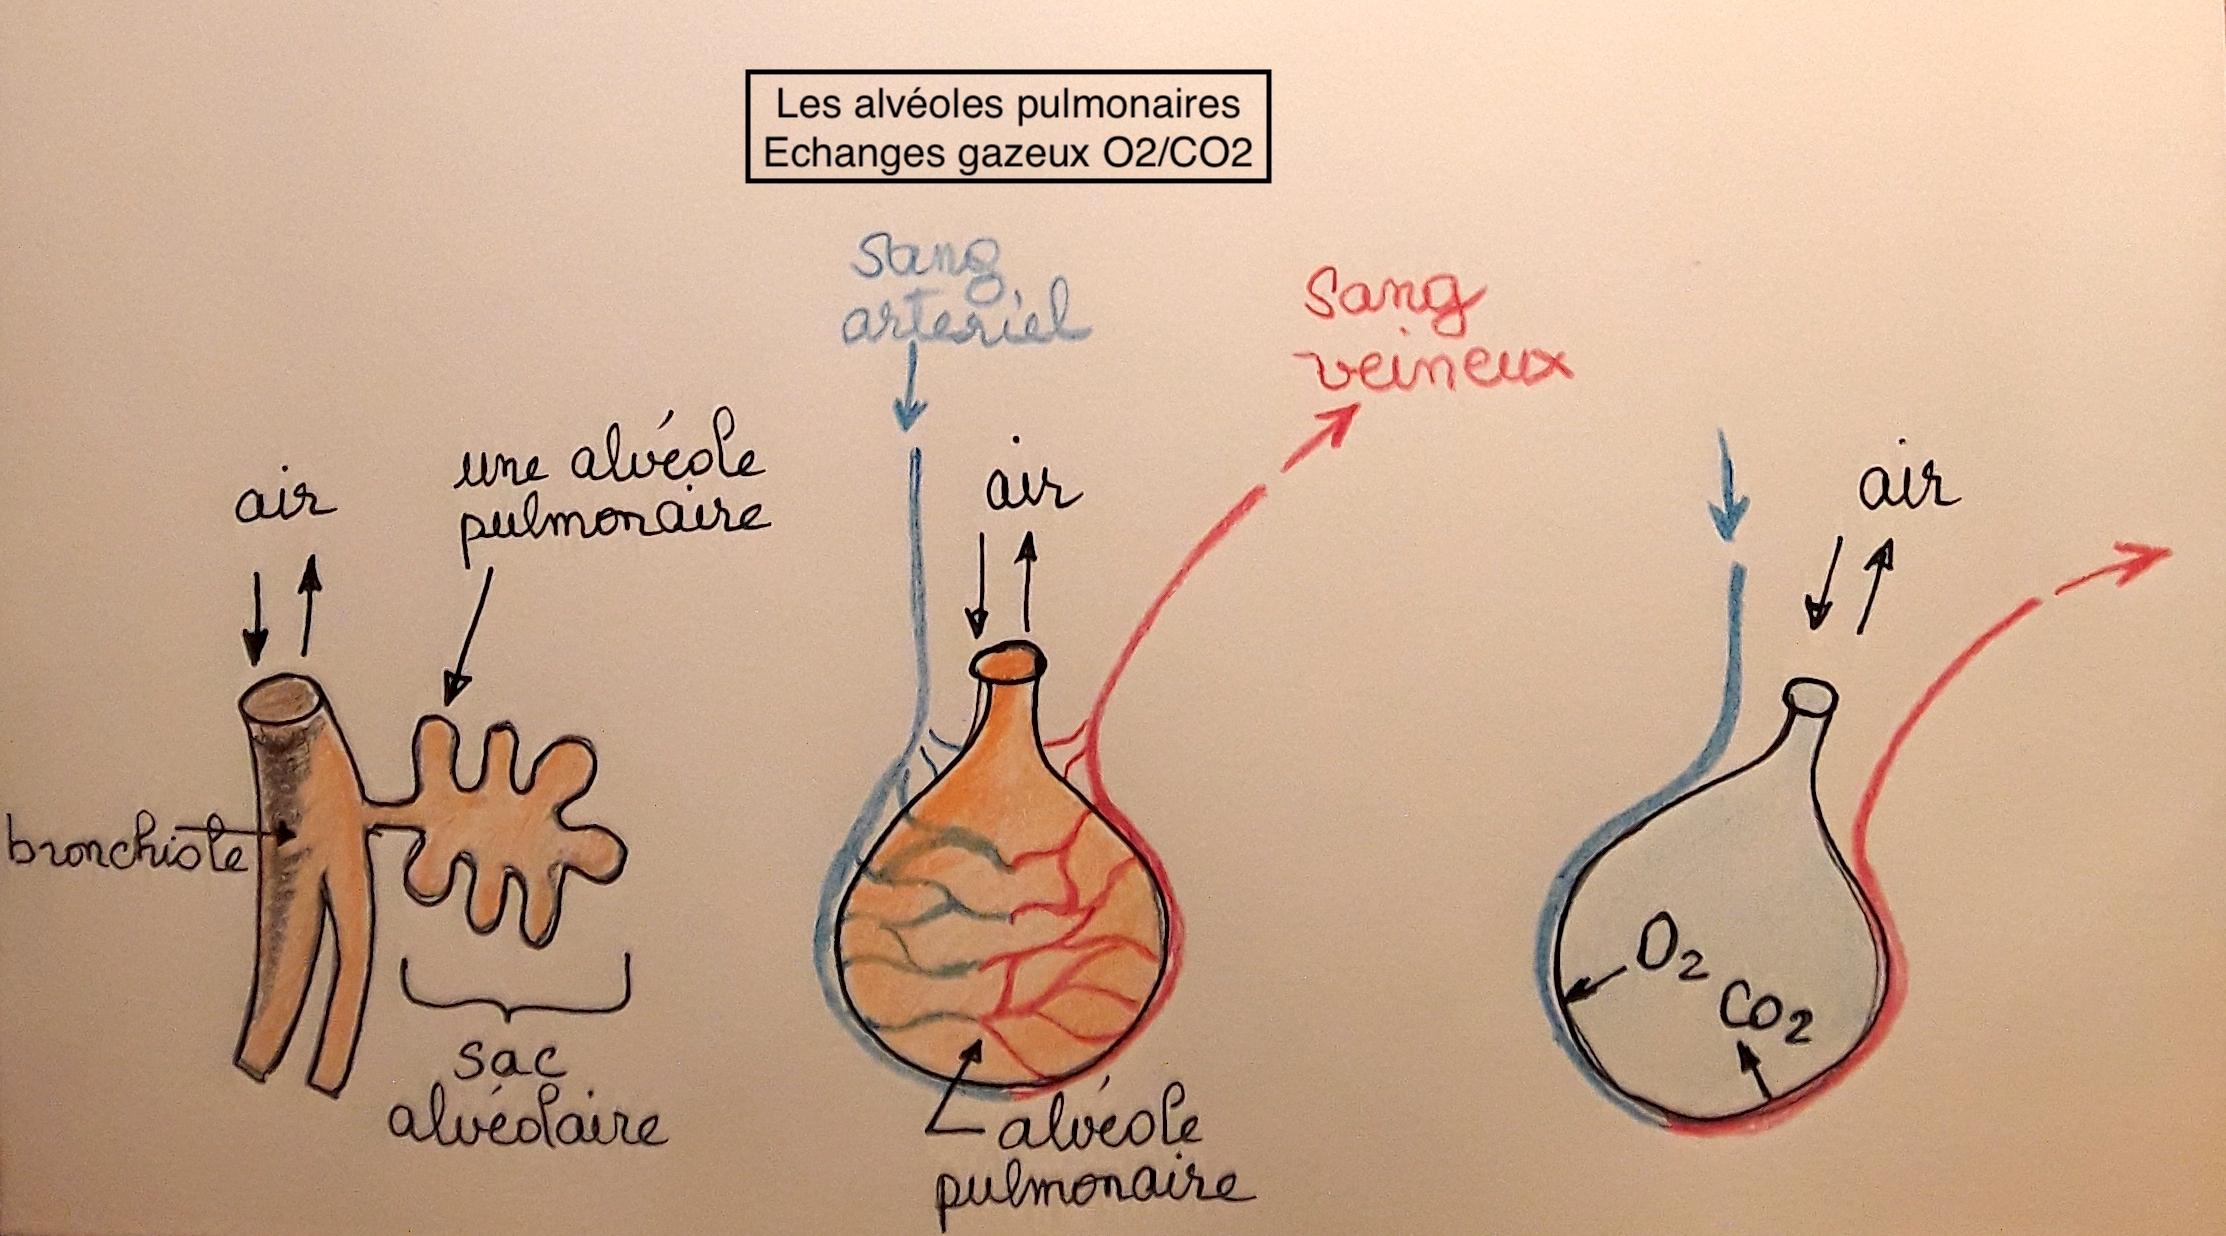 image Alveole_pulmonaire.jpg (1.8MB)